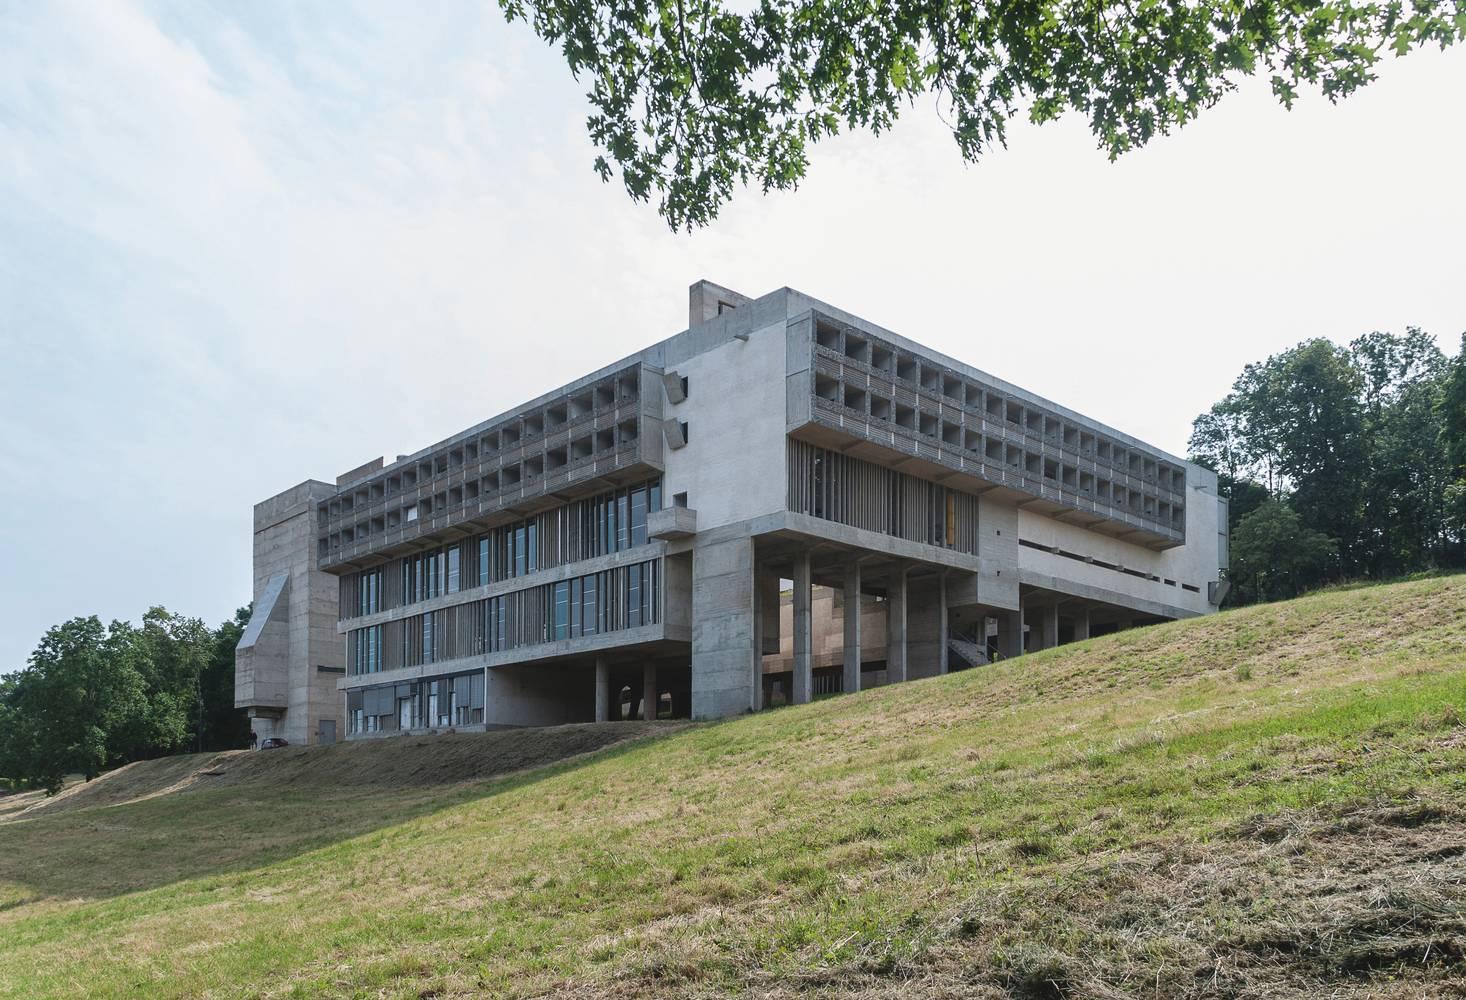 Convento de La Tourette, na França, de Le Corbusier: construção em declive e estrutura em concreto armado aparente e vidro. Fotos: Fernando Schapochnik/ArchDaily